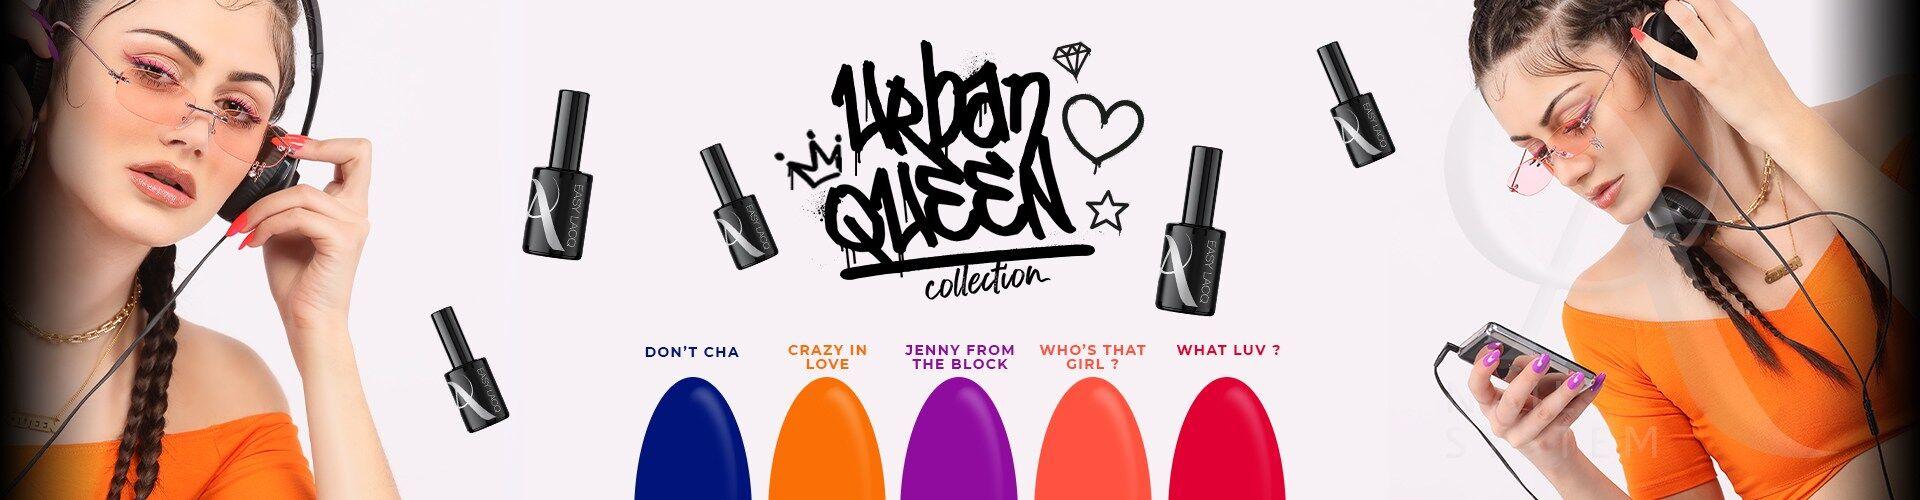 SLIDE 4 - Urban Queen